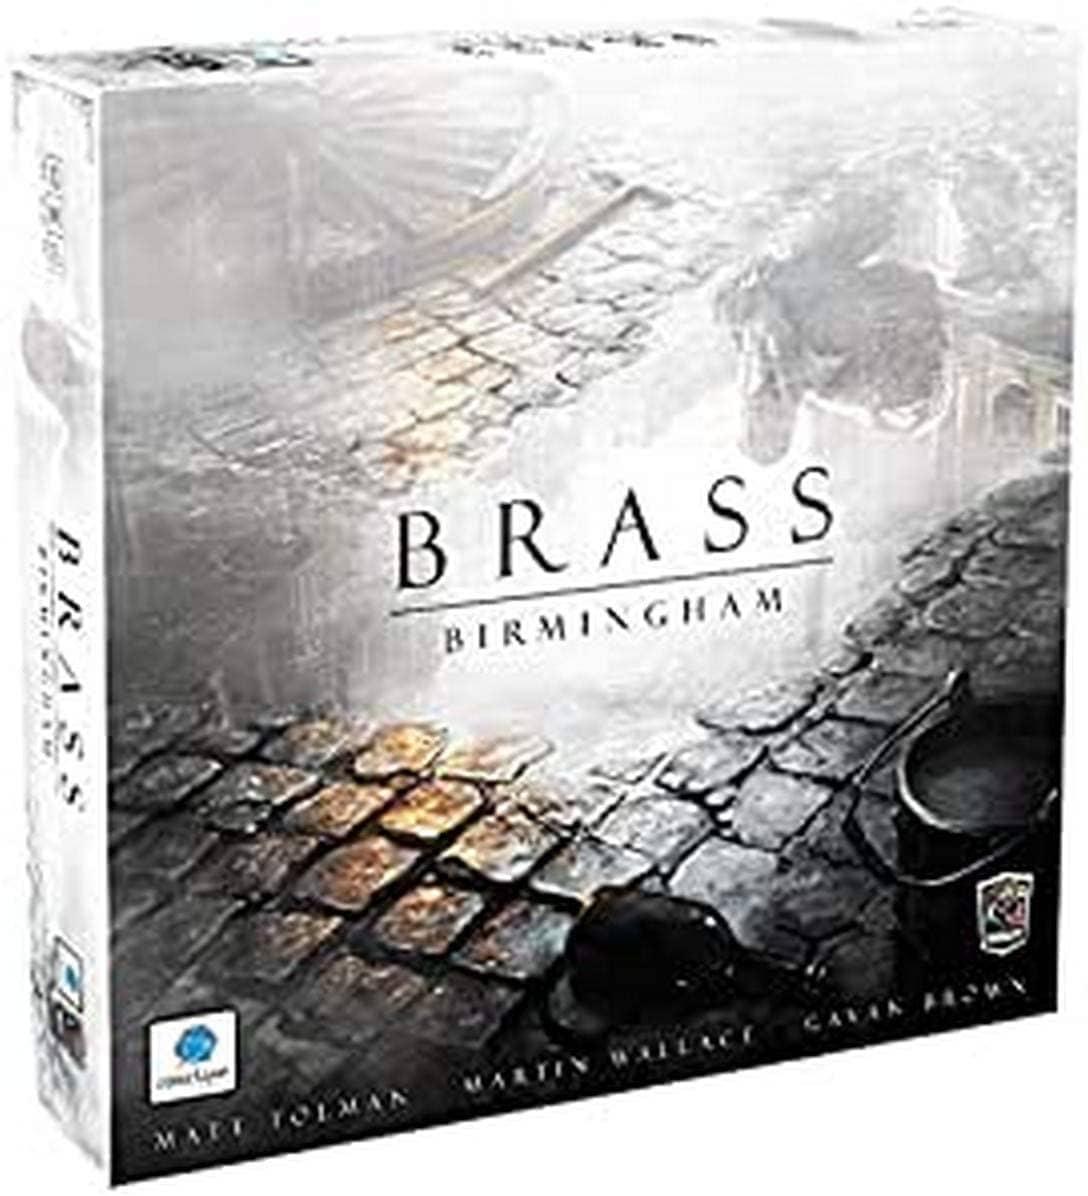 Brass: Birminghan juego de mesa